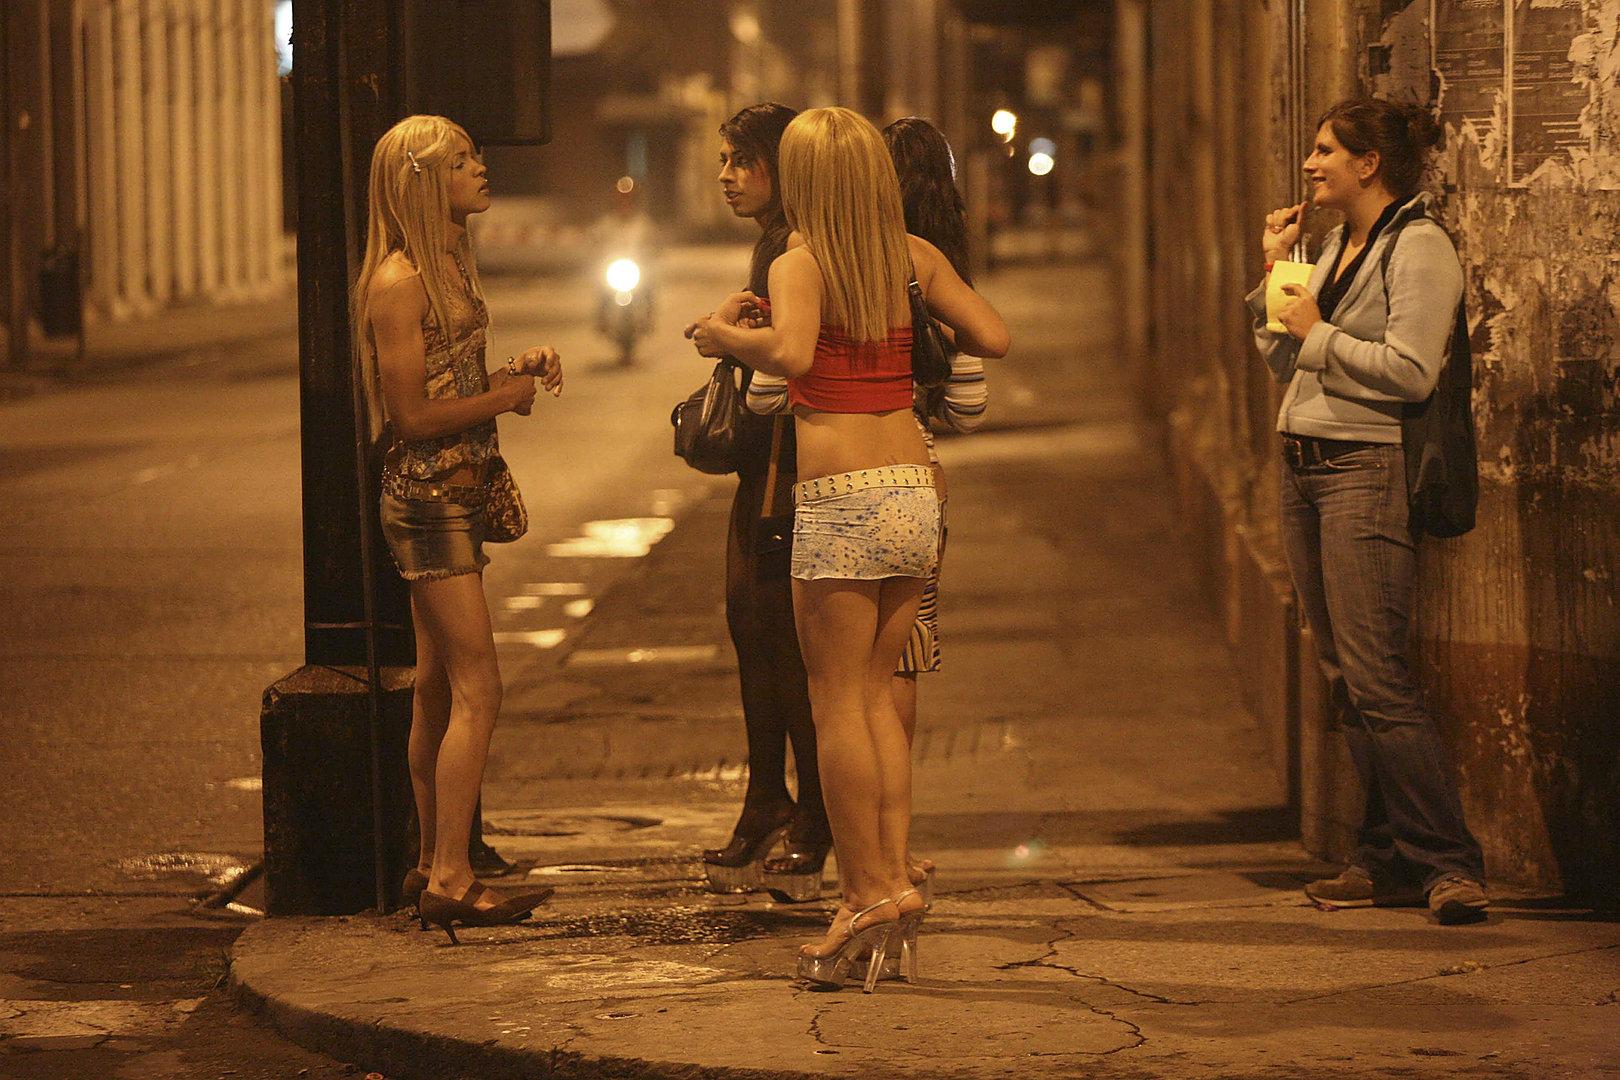 Фото шлюх на улицах, Снял на улице проститутку порно фото бесплатно на 18 фотография